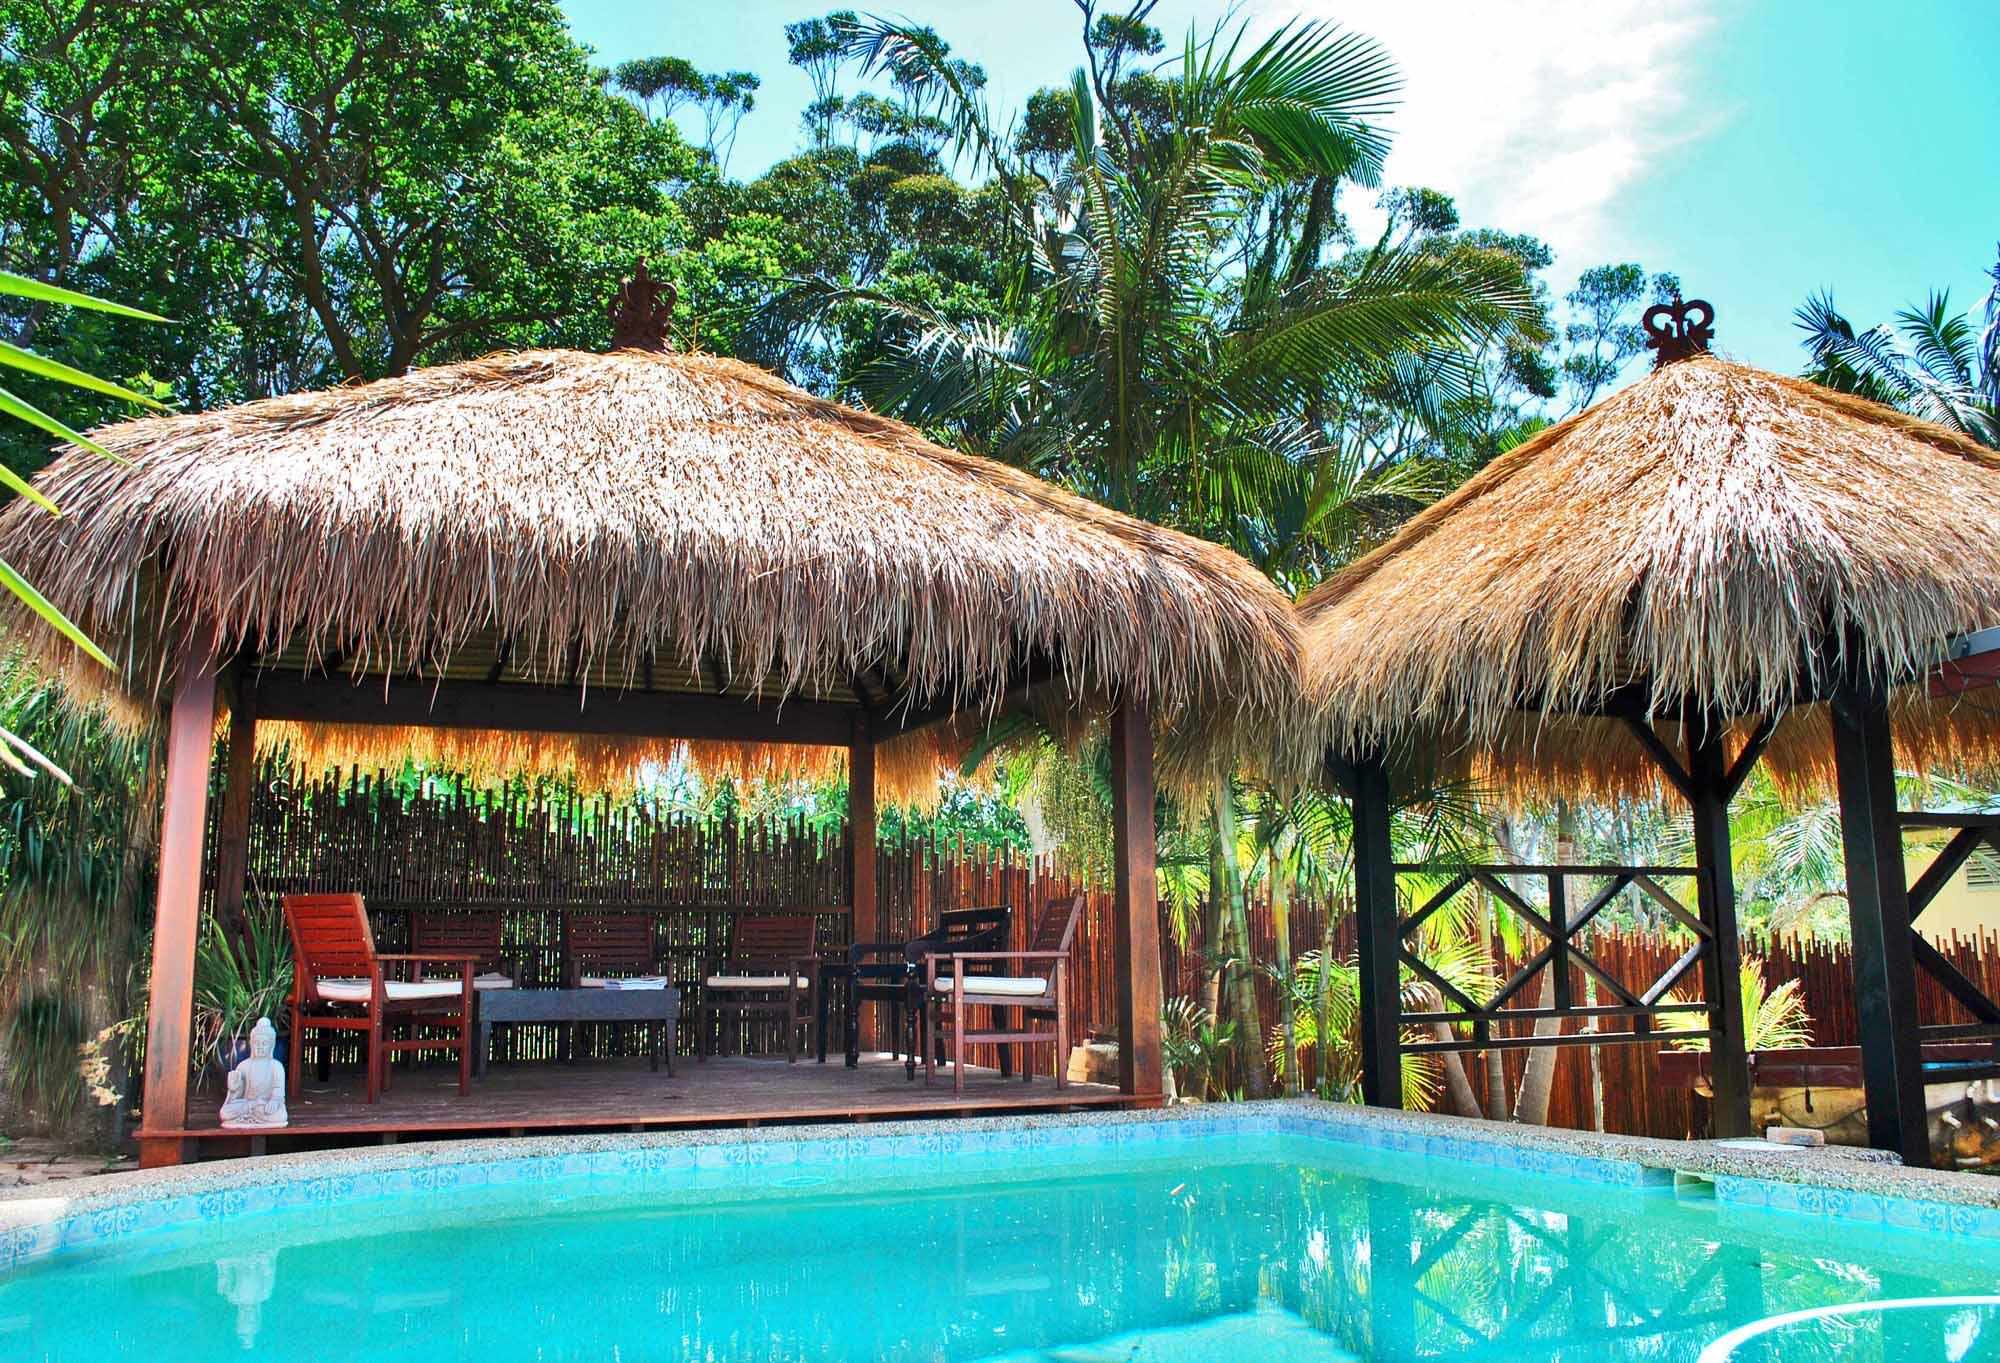 Bali-Huts-16